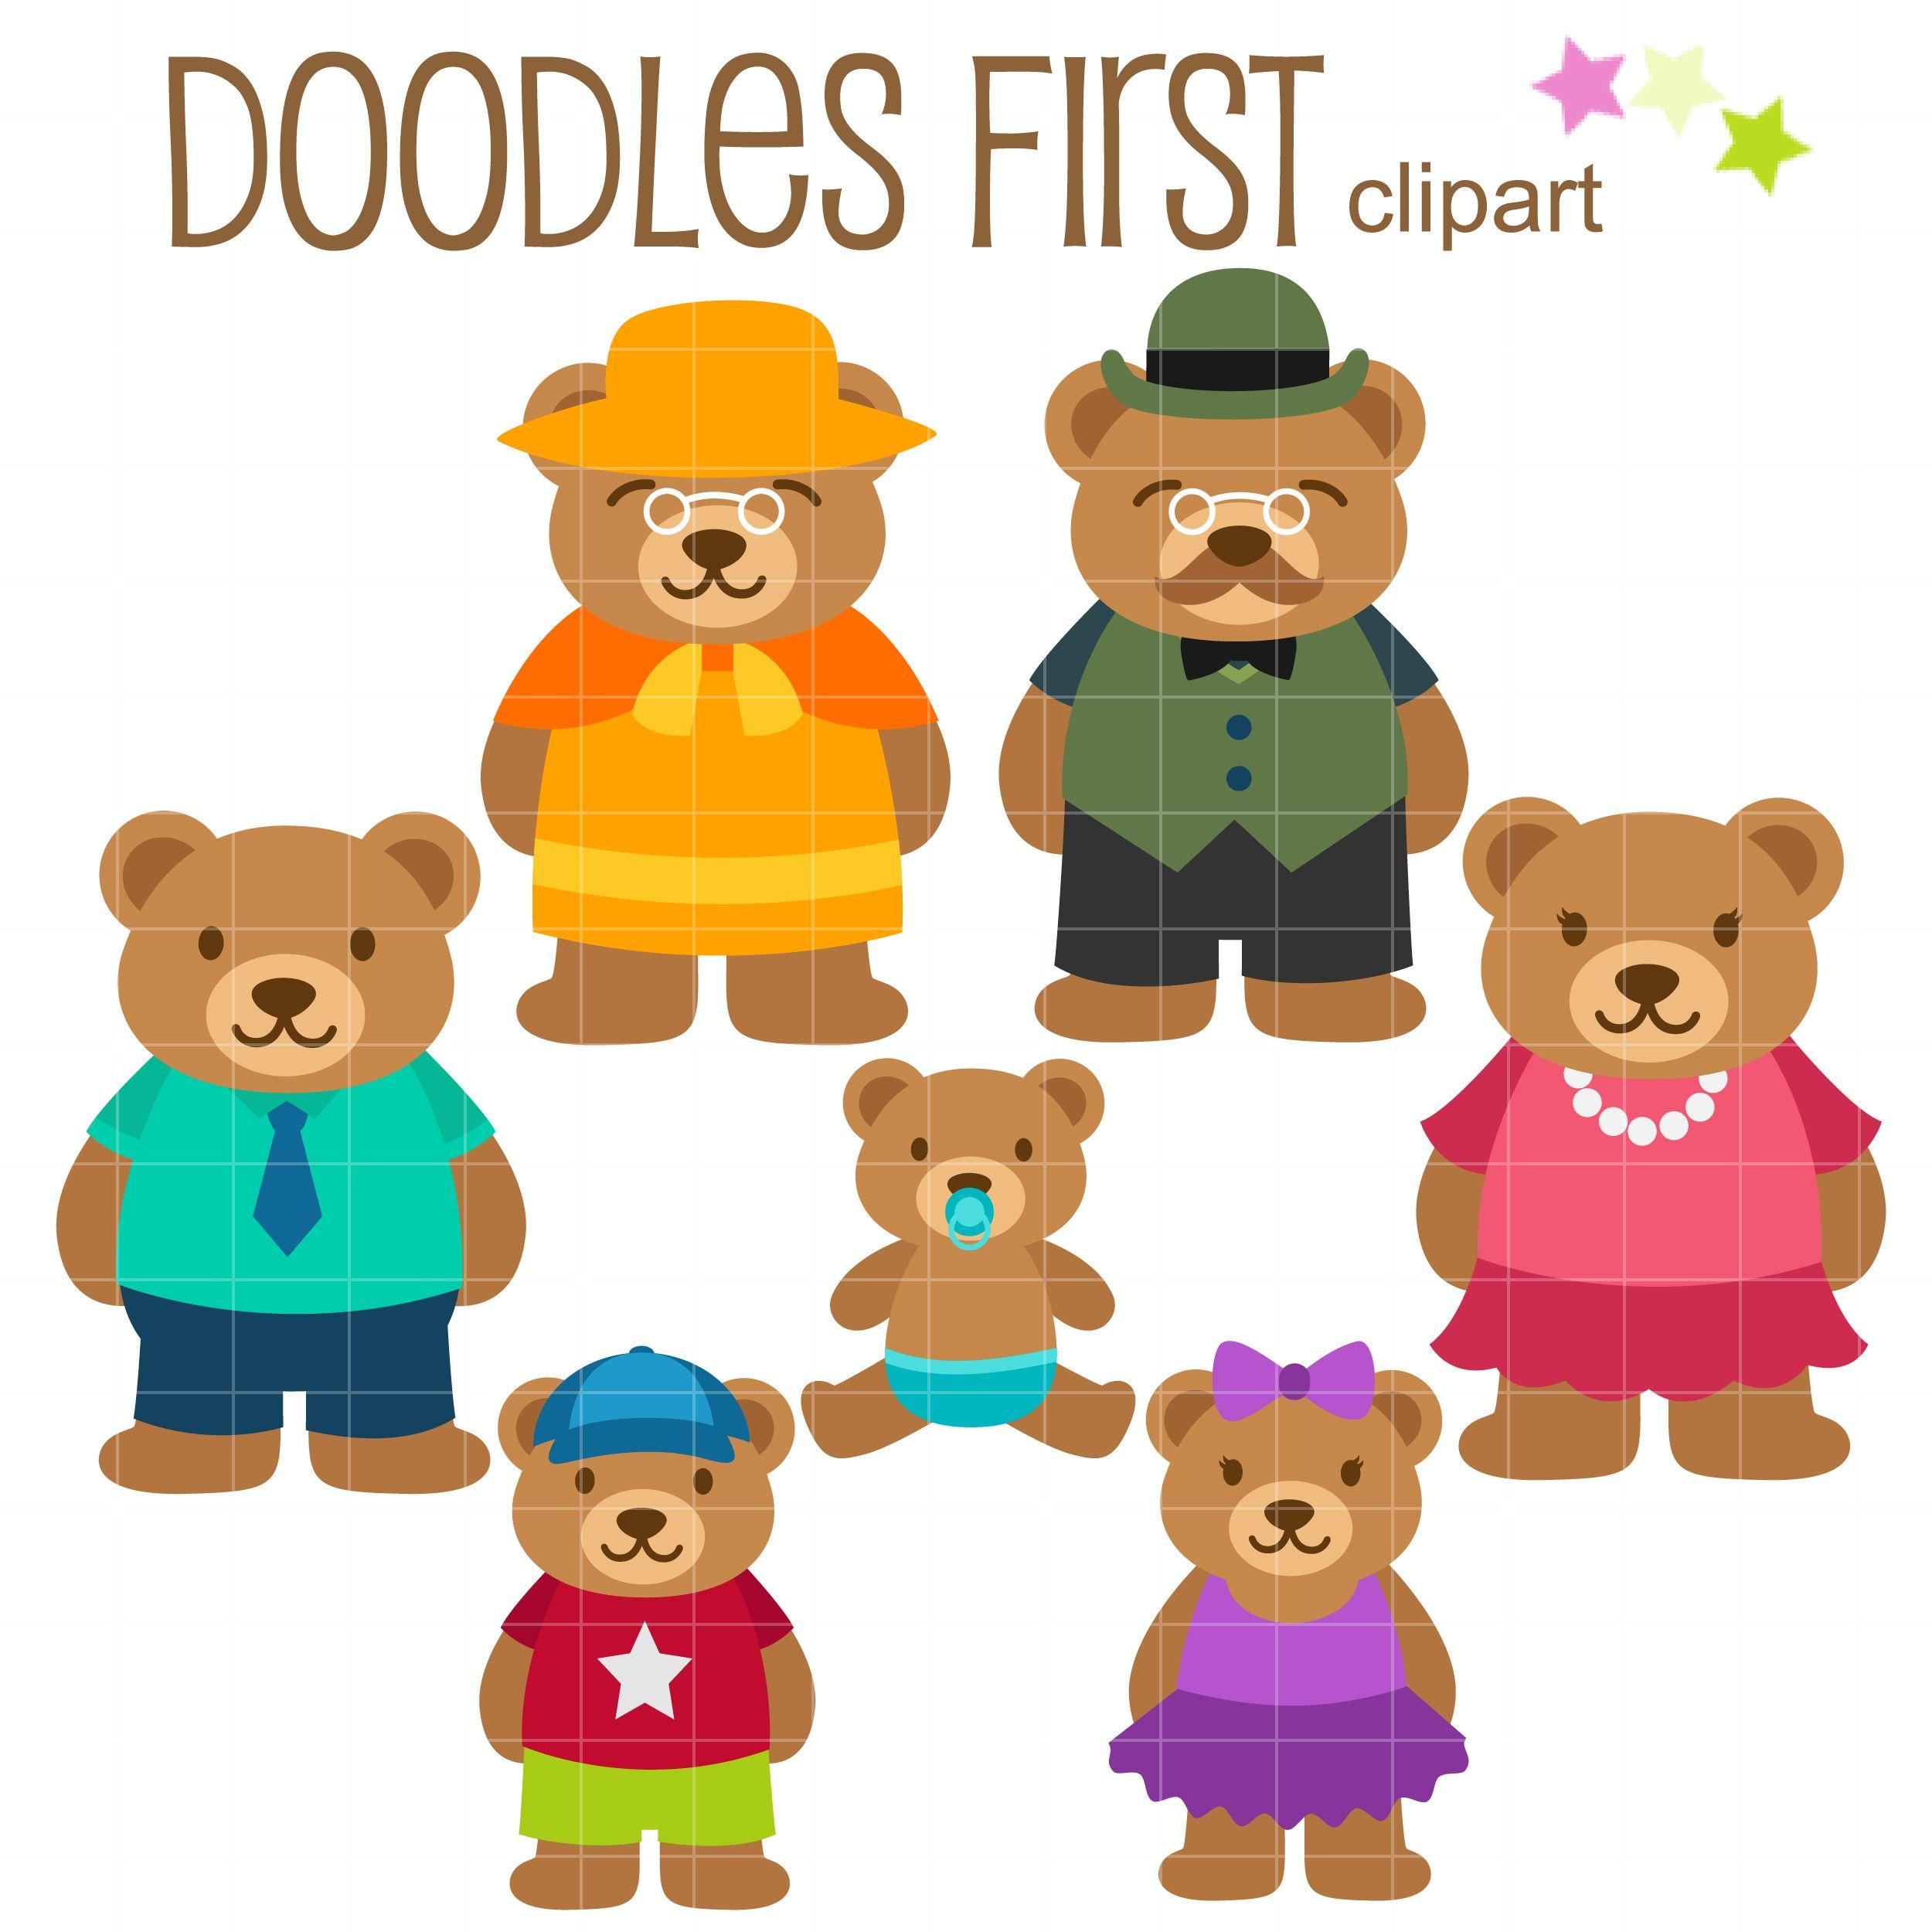 Bear Family Clip Art Set Daily Art Hub Free Clip Art Everyday Art Hub Free Clip Art Family Art